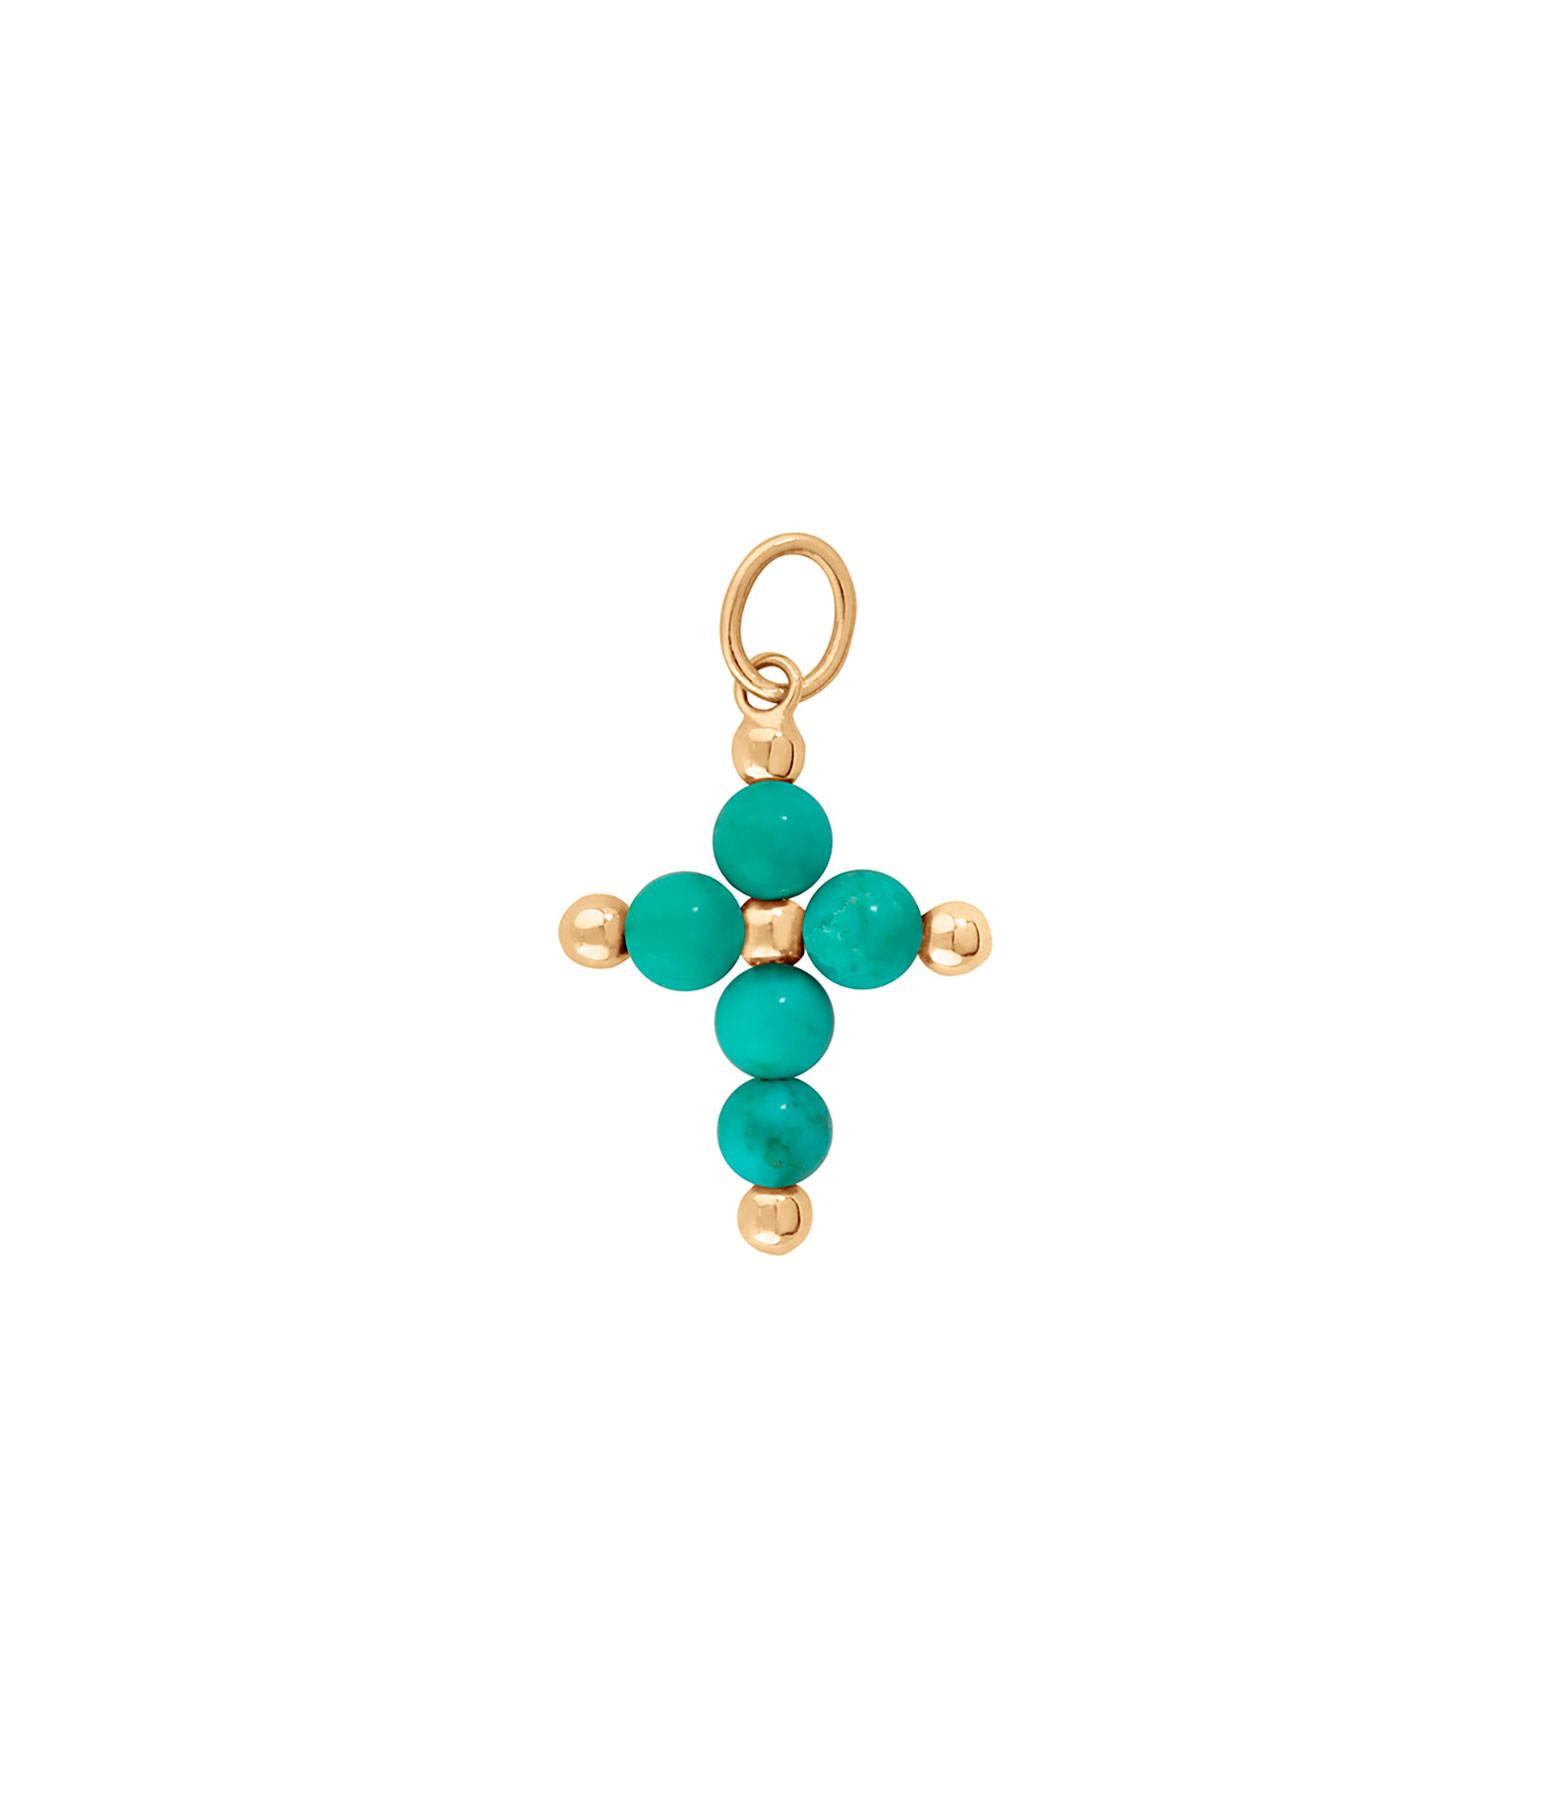 CHARLET - Pendentif Croix Origines Colors Magnésite Or Jaune